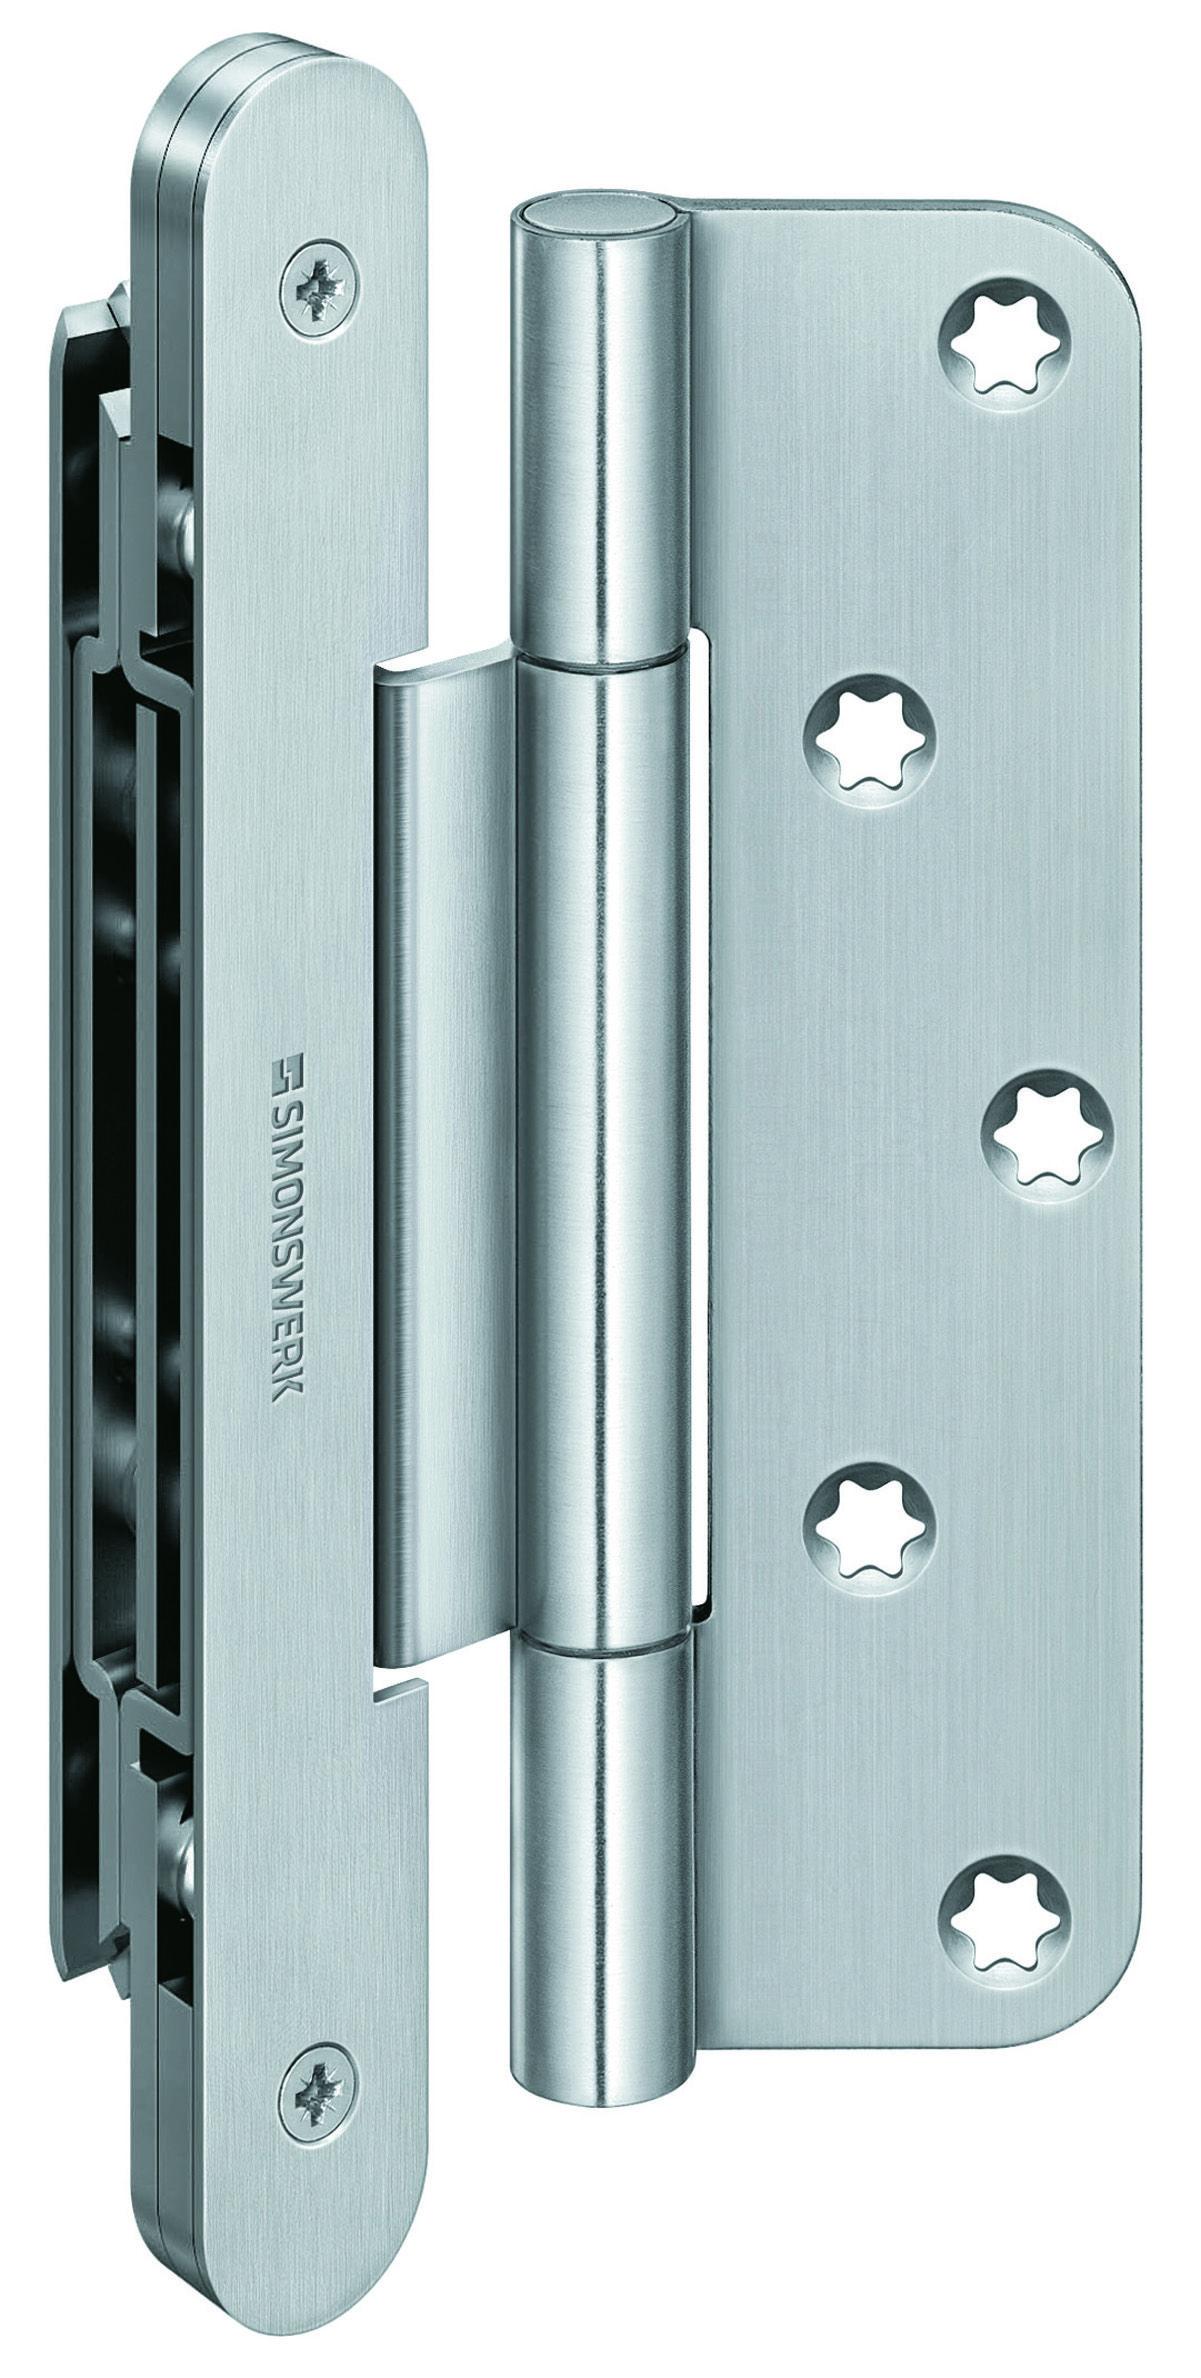 Variant Compact Planum Offers An Adjustable Solution For Narrow Frame Sliding Door Design Door Hinges Barn Door Hinges